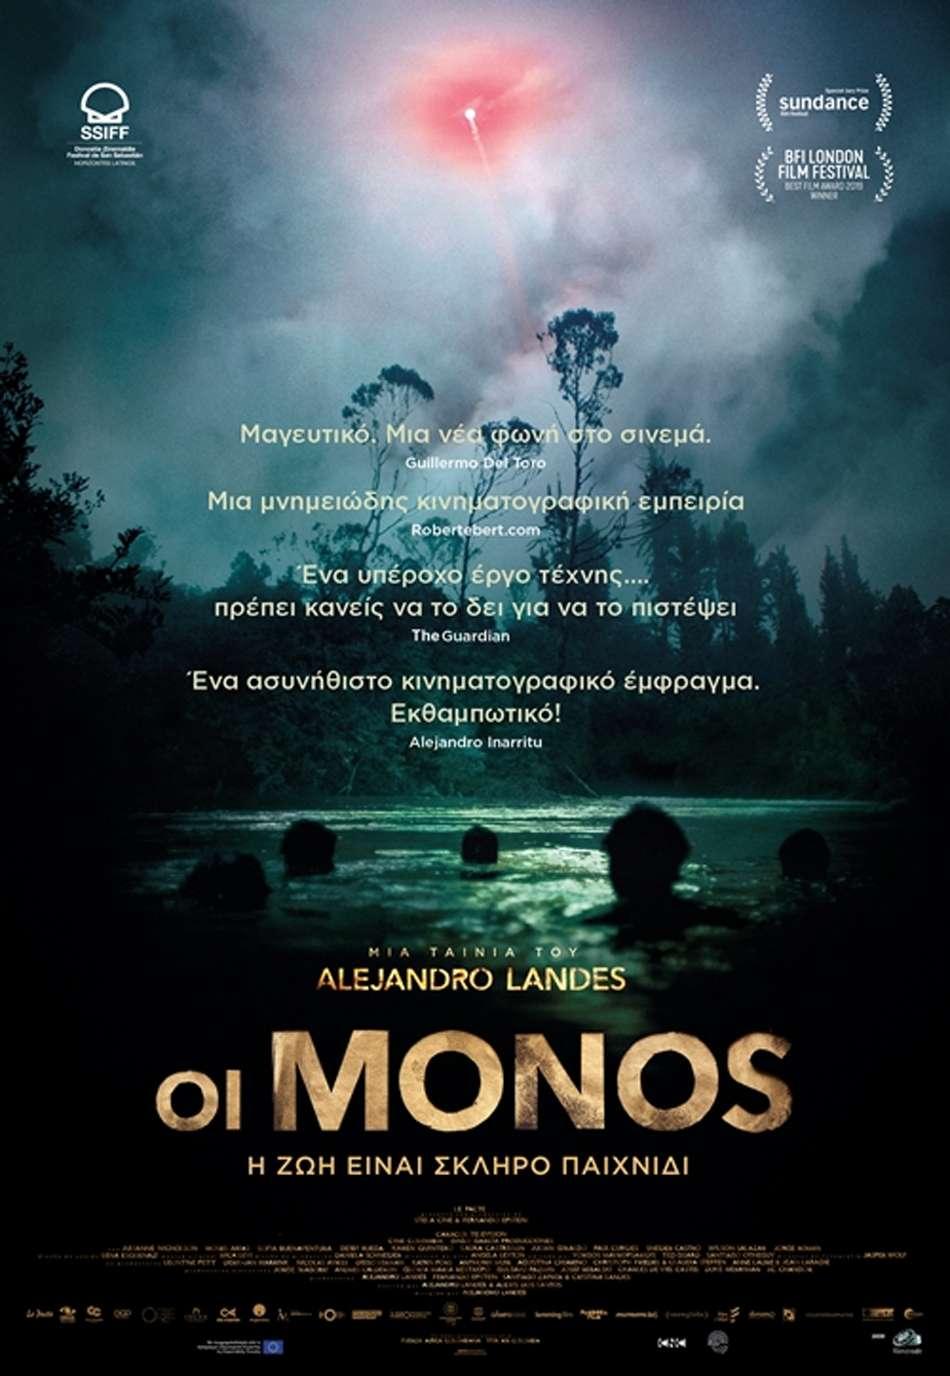 Οι Monos (Monos) Poster